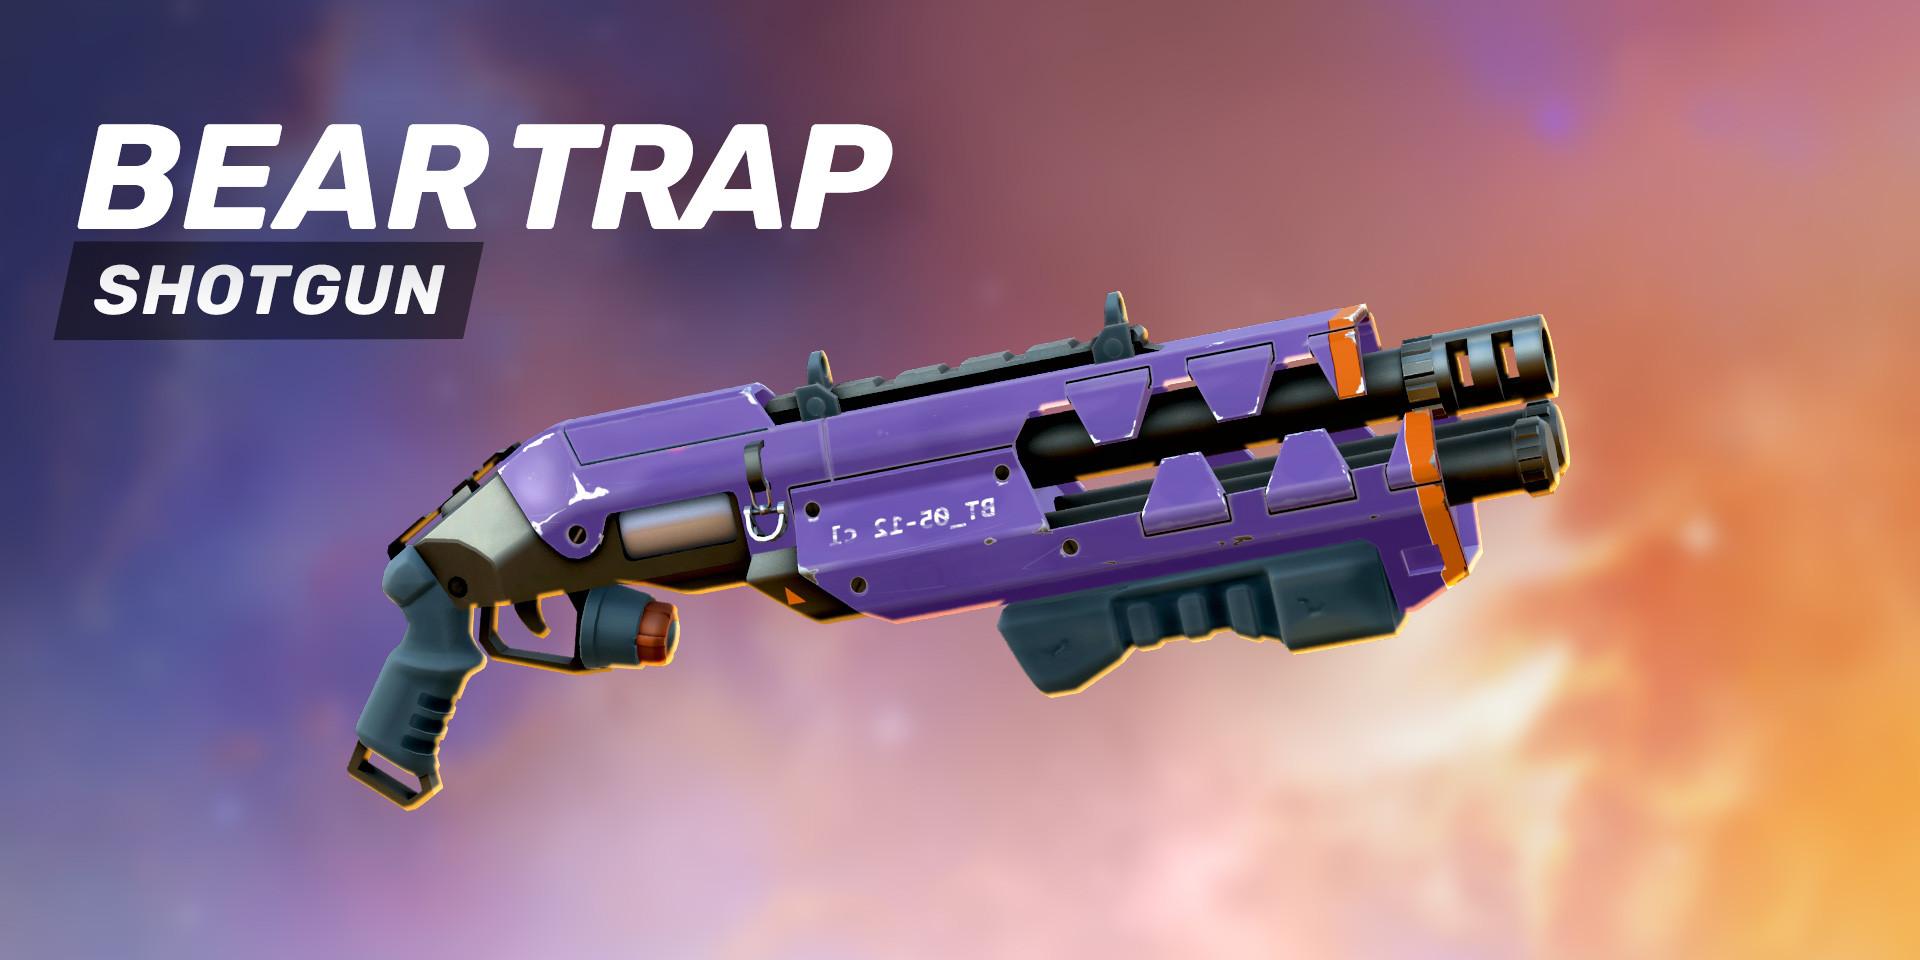 gunsopedia-bear-trap-ZbM3lX8oBa